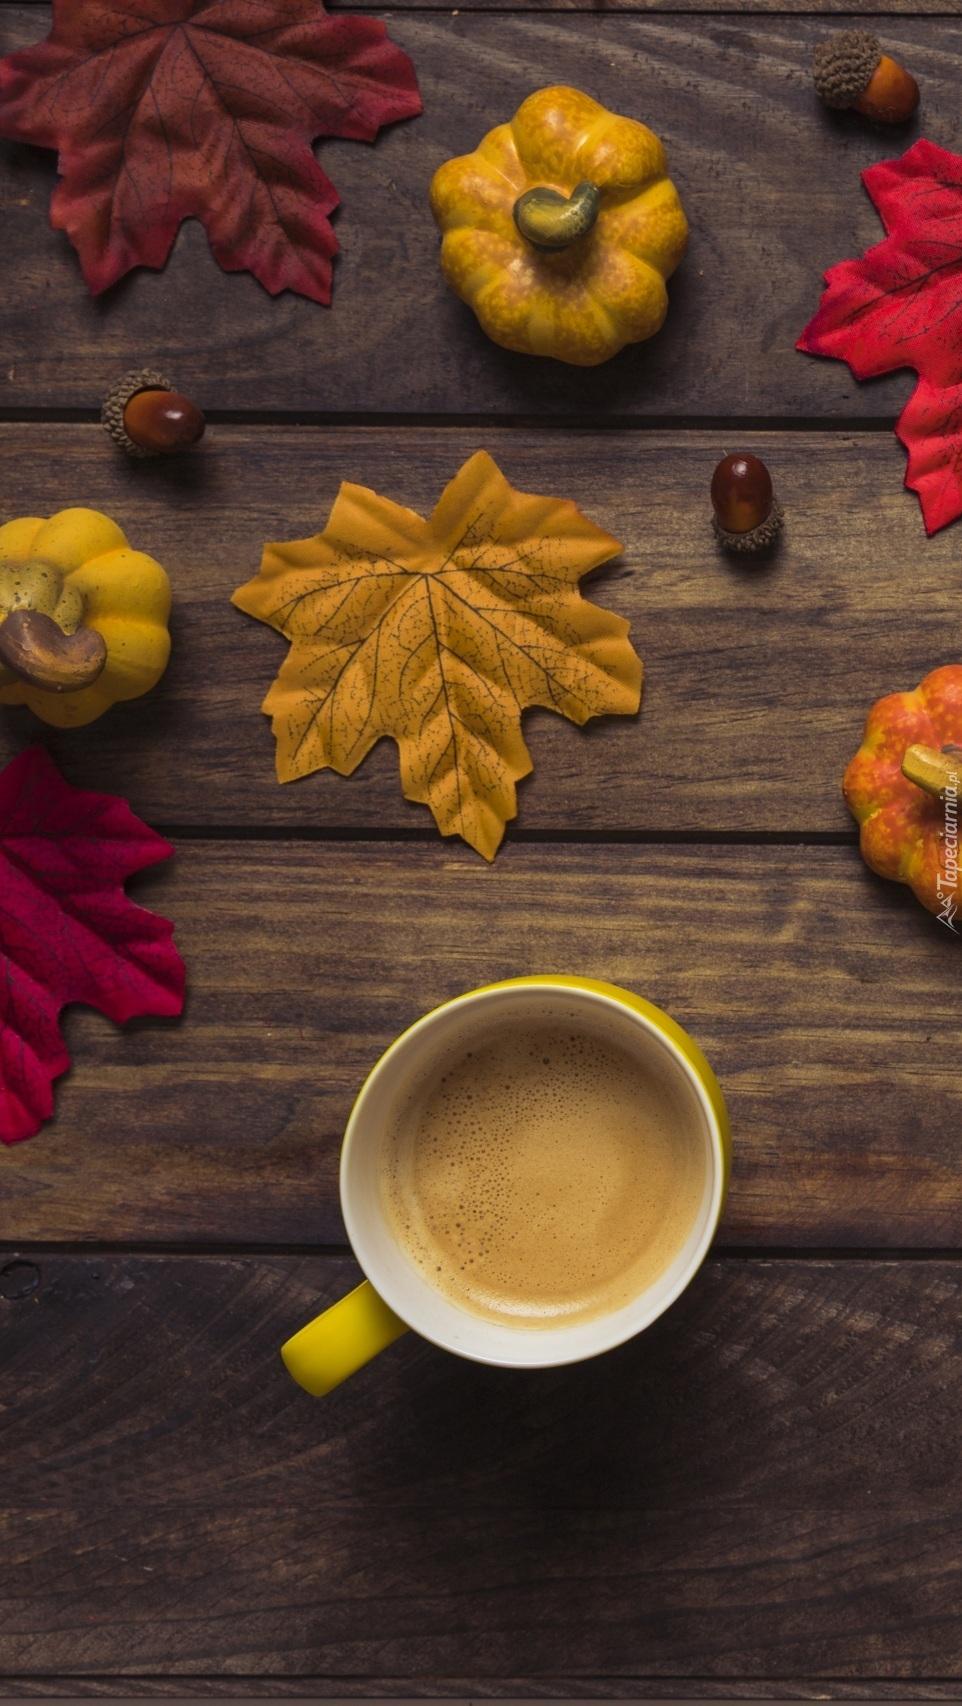 Kompozycja jesienna z kawą